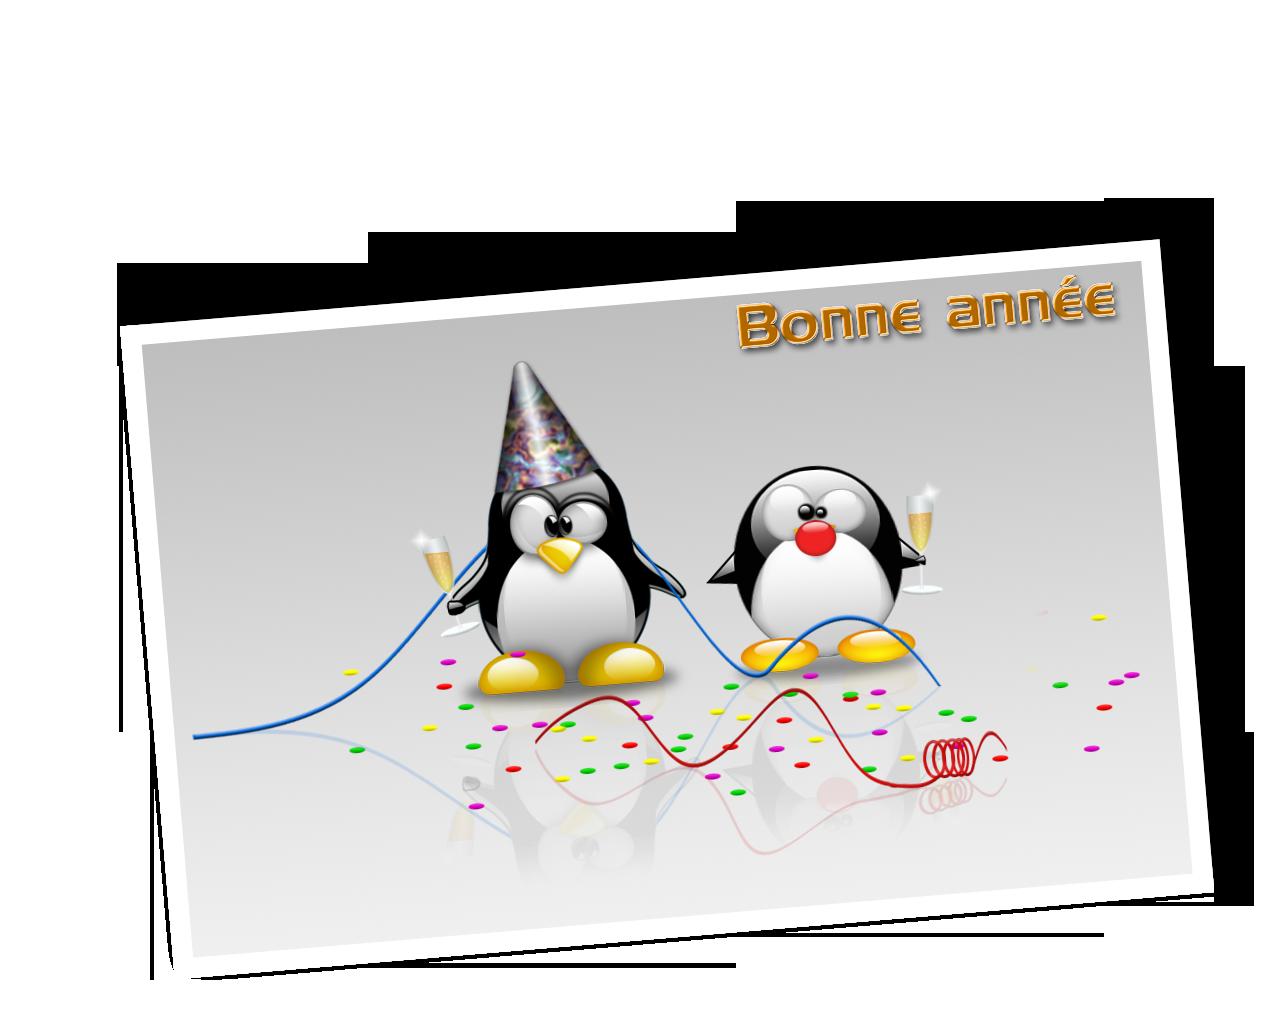 BONNE ANNEE LES FILLES 1325893078273717